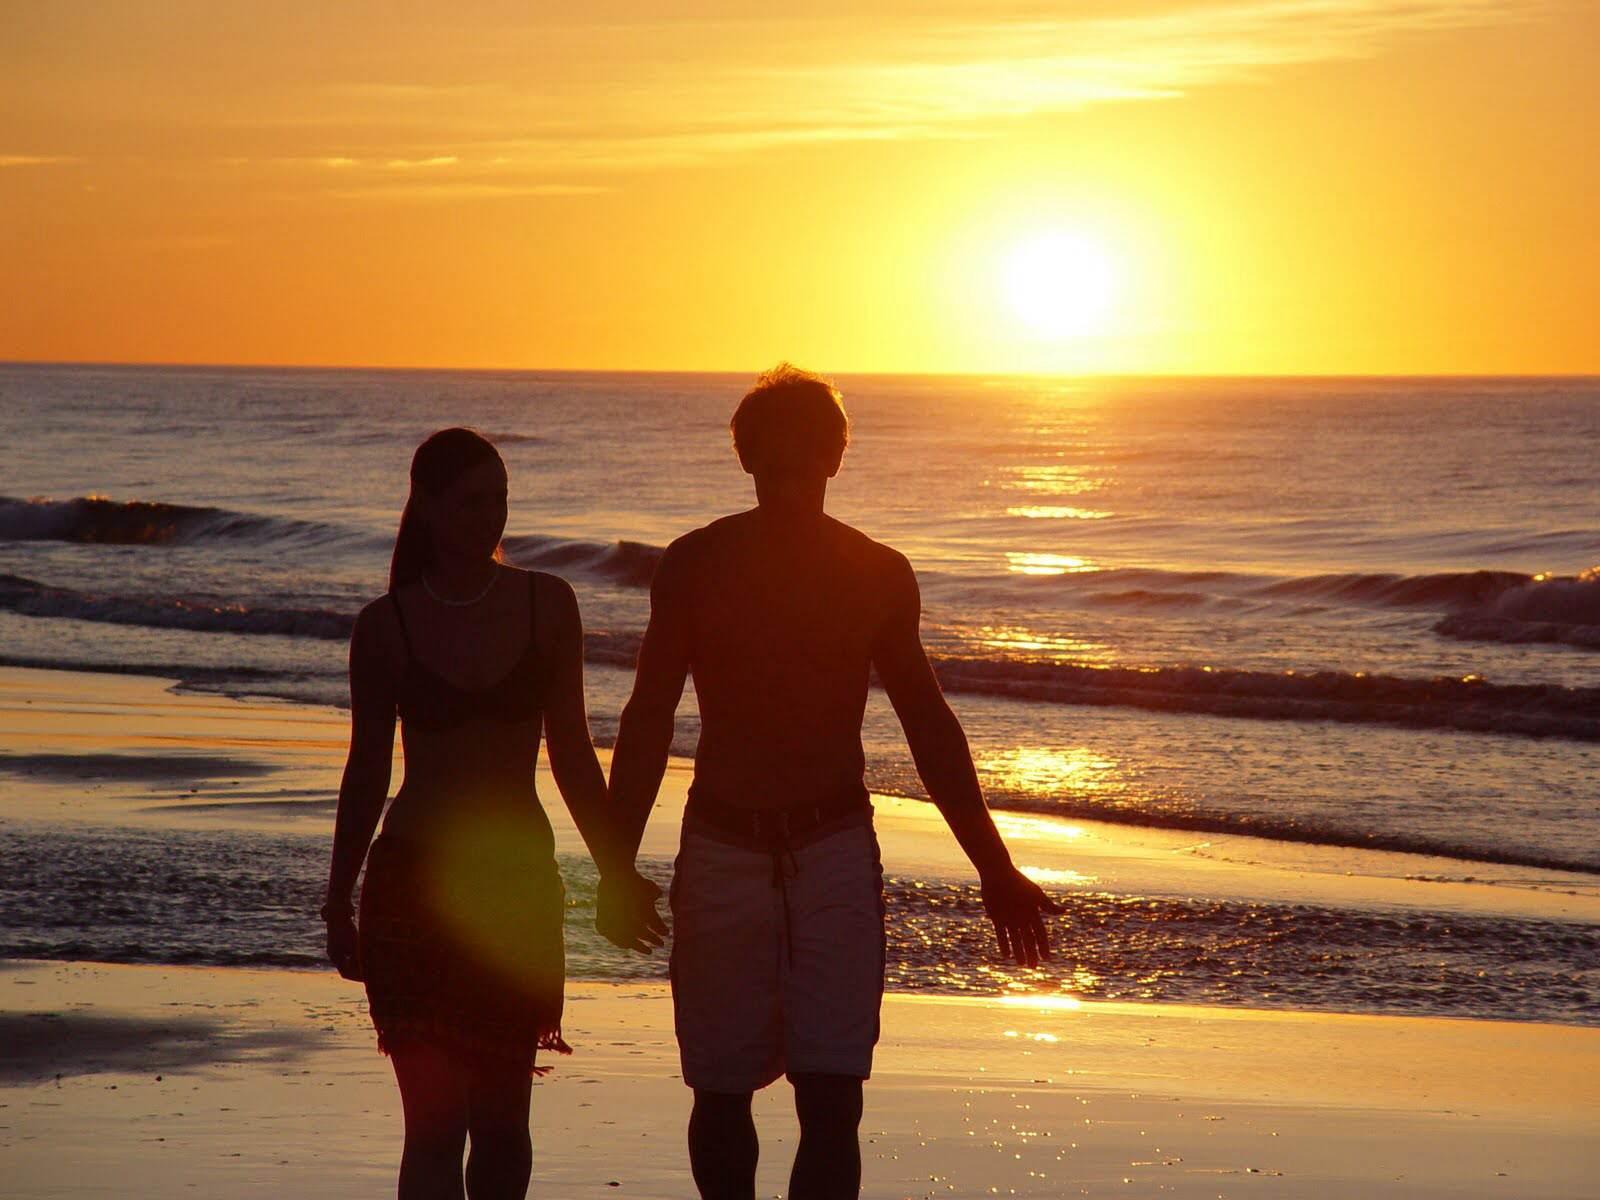 Love couple On Beach Wallpaper : Viajes romanticos - El blog de Vertierra - Destinos, experiencias, viajes tematicos? Disfruta y ...